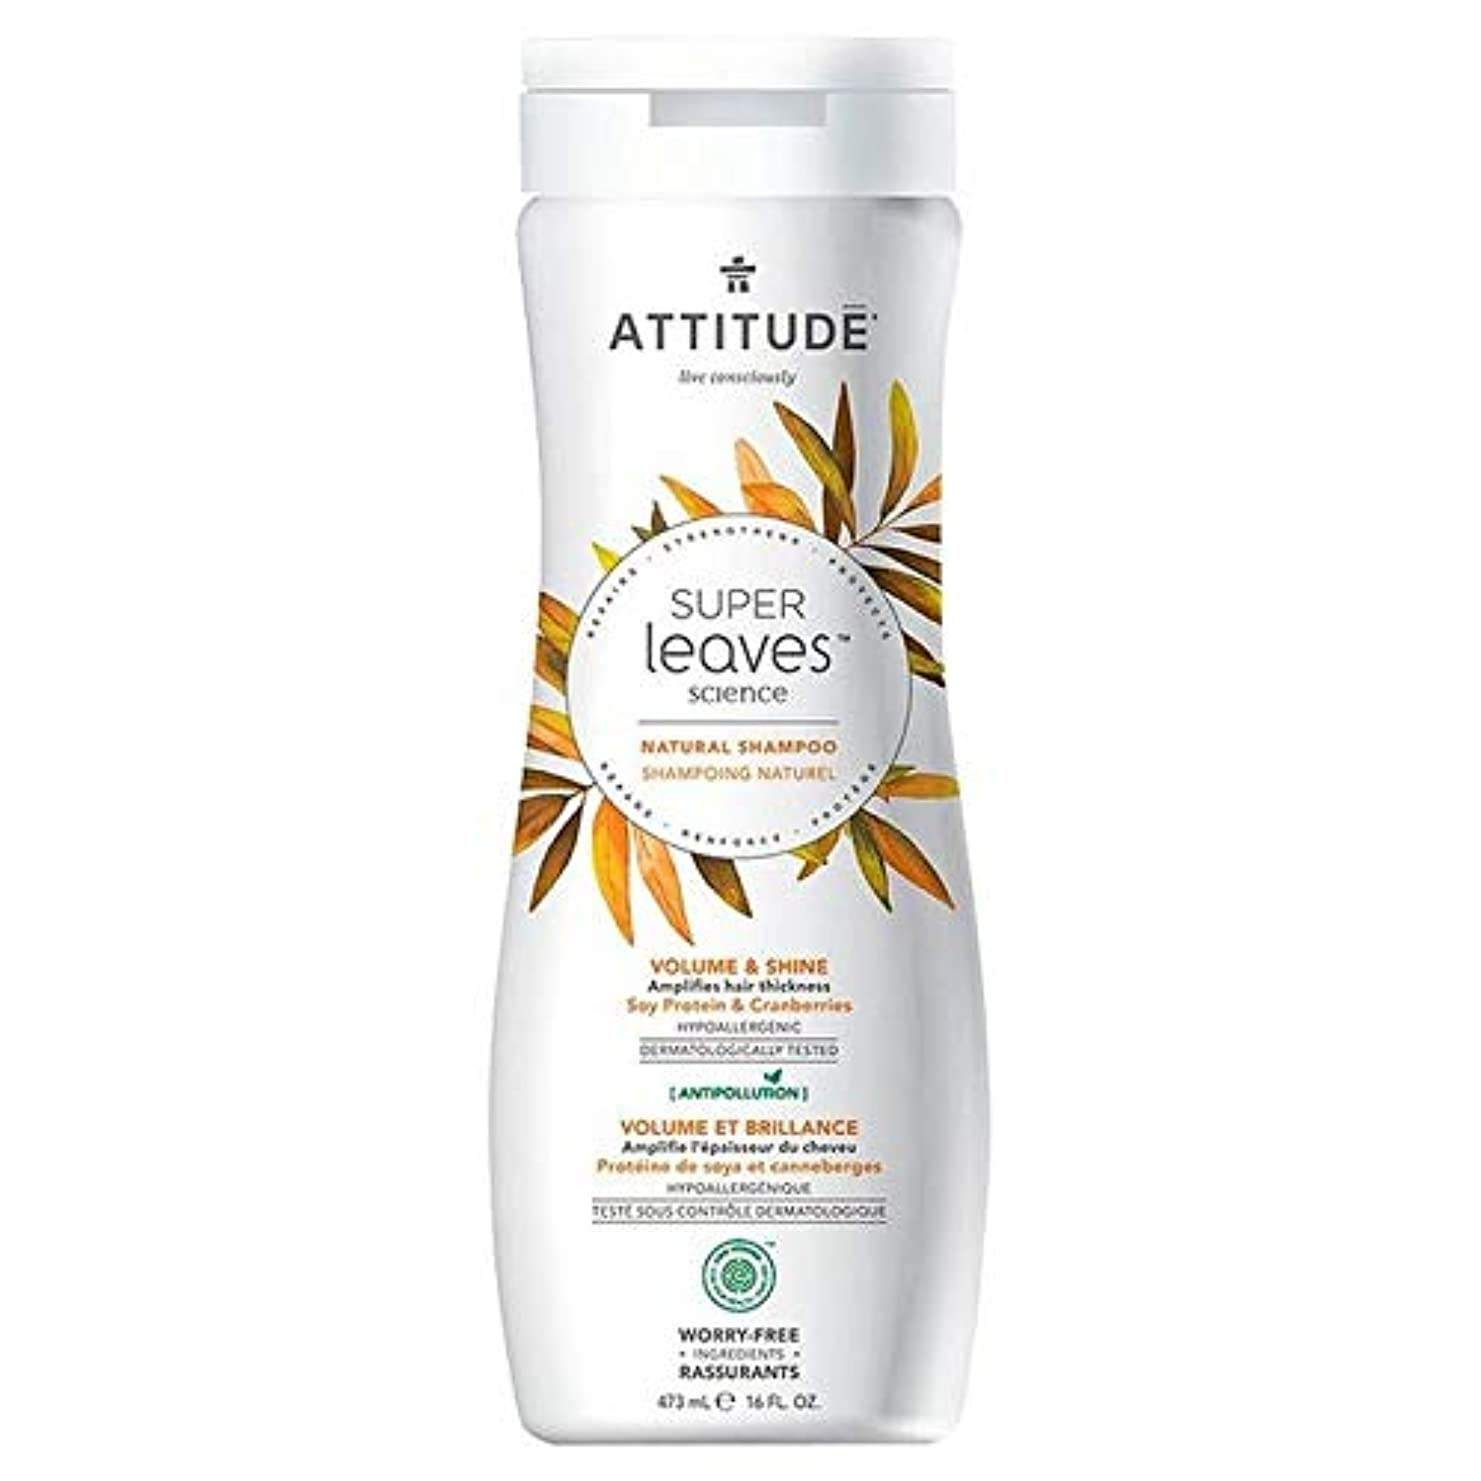 蓄積するコールメロン[Attitude ] 姿勢スーパーはシャンプーボリューム&シャイン473ミリリットルの葉 - Attitude Super Leaves Shampoo Volume & Shine 473ml [並行輸入品]